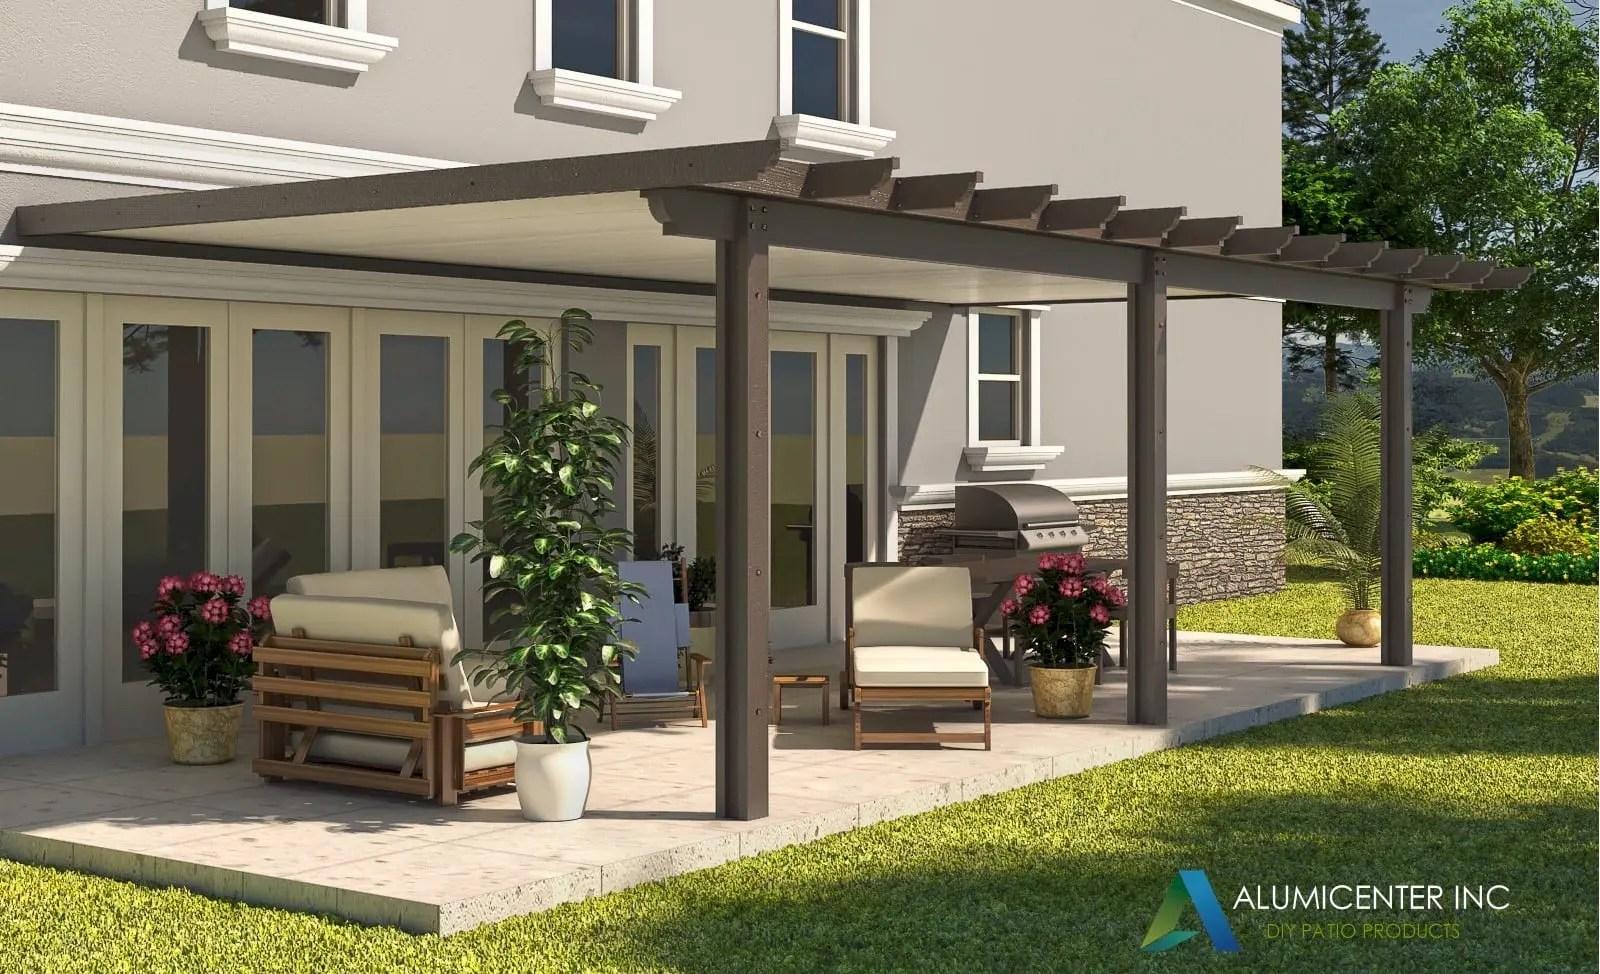 aluminum patio covers in miami dade